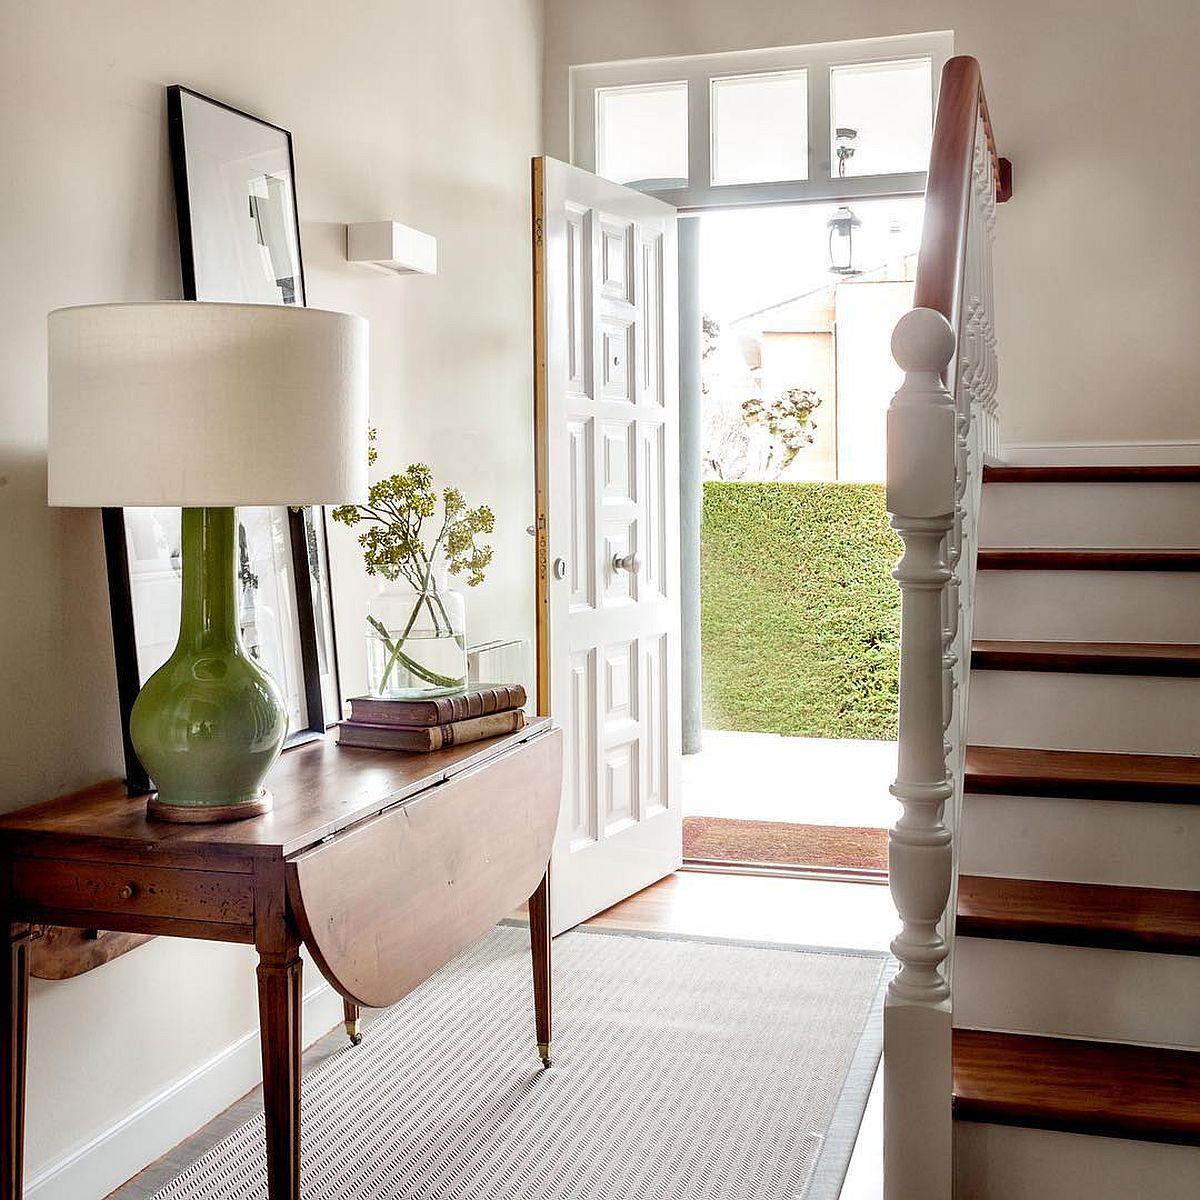 Pentru mai multă lumină naturală în hol, ușa de la intrare a fost refăcută, cu ochiuri de geam de jur împrejurul ei.